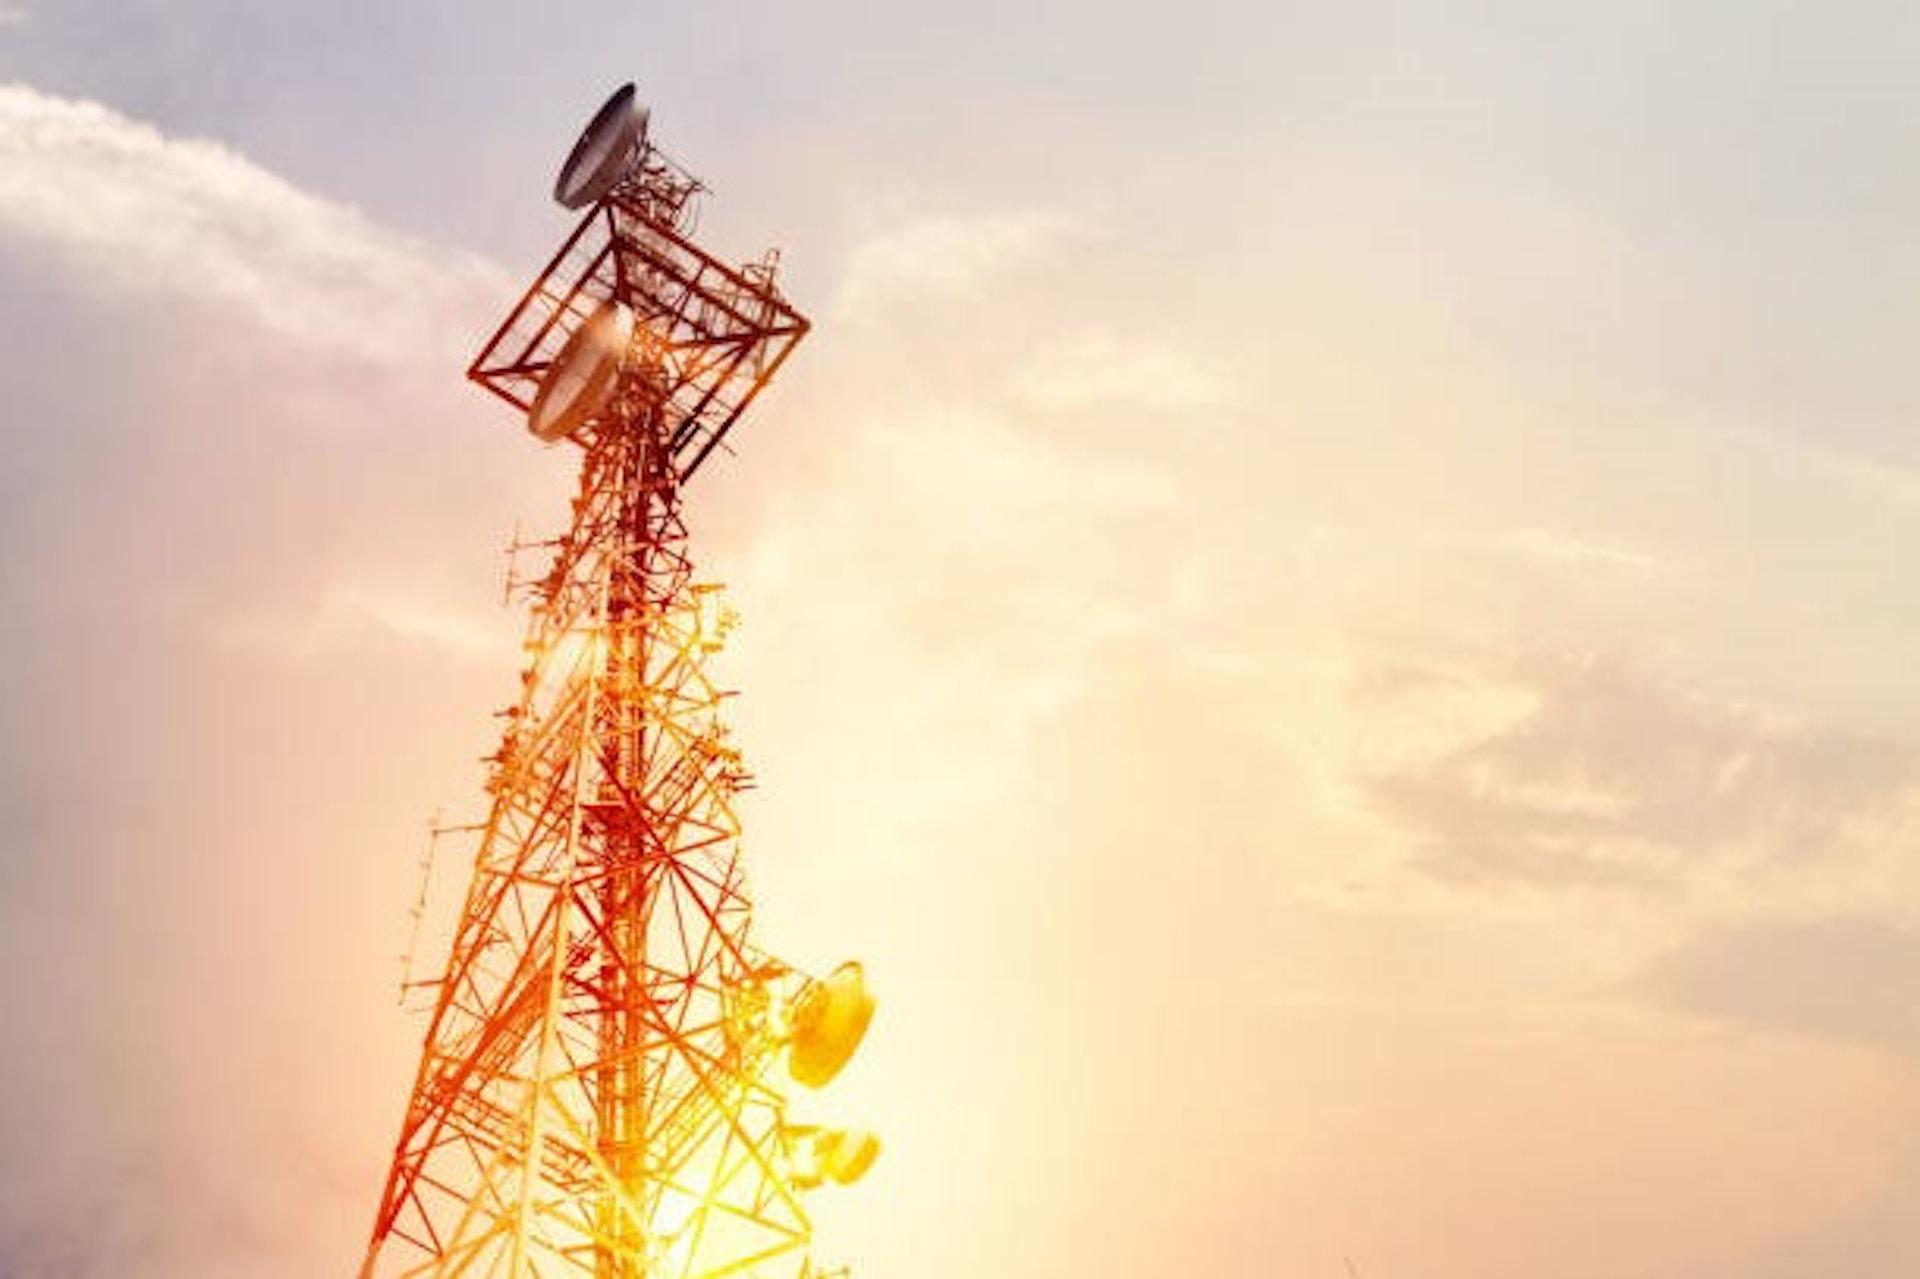 telecom tower with an orange sky